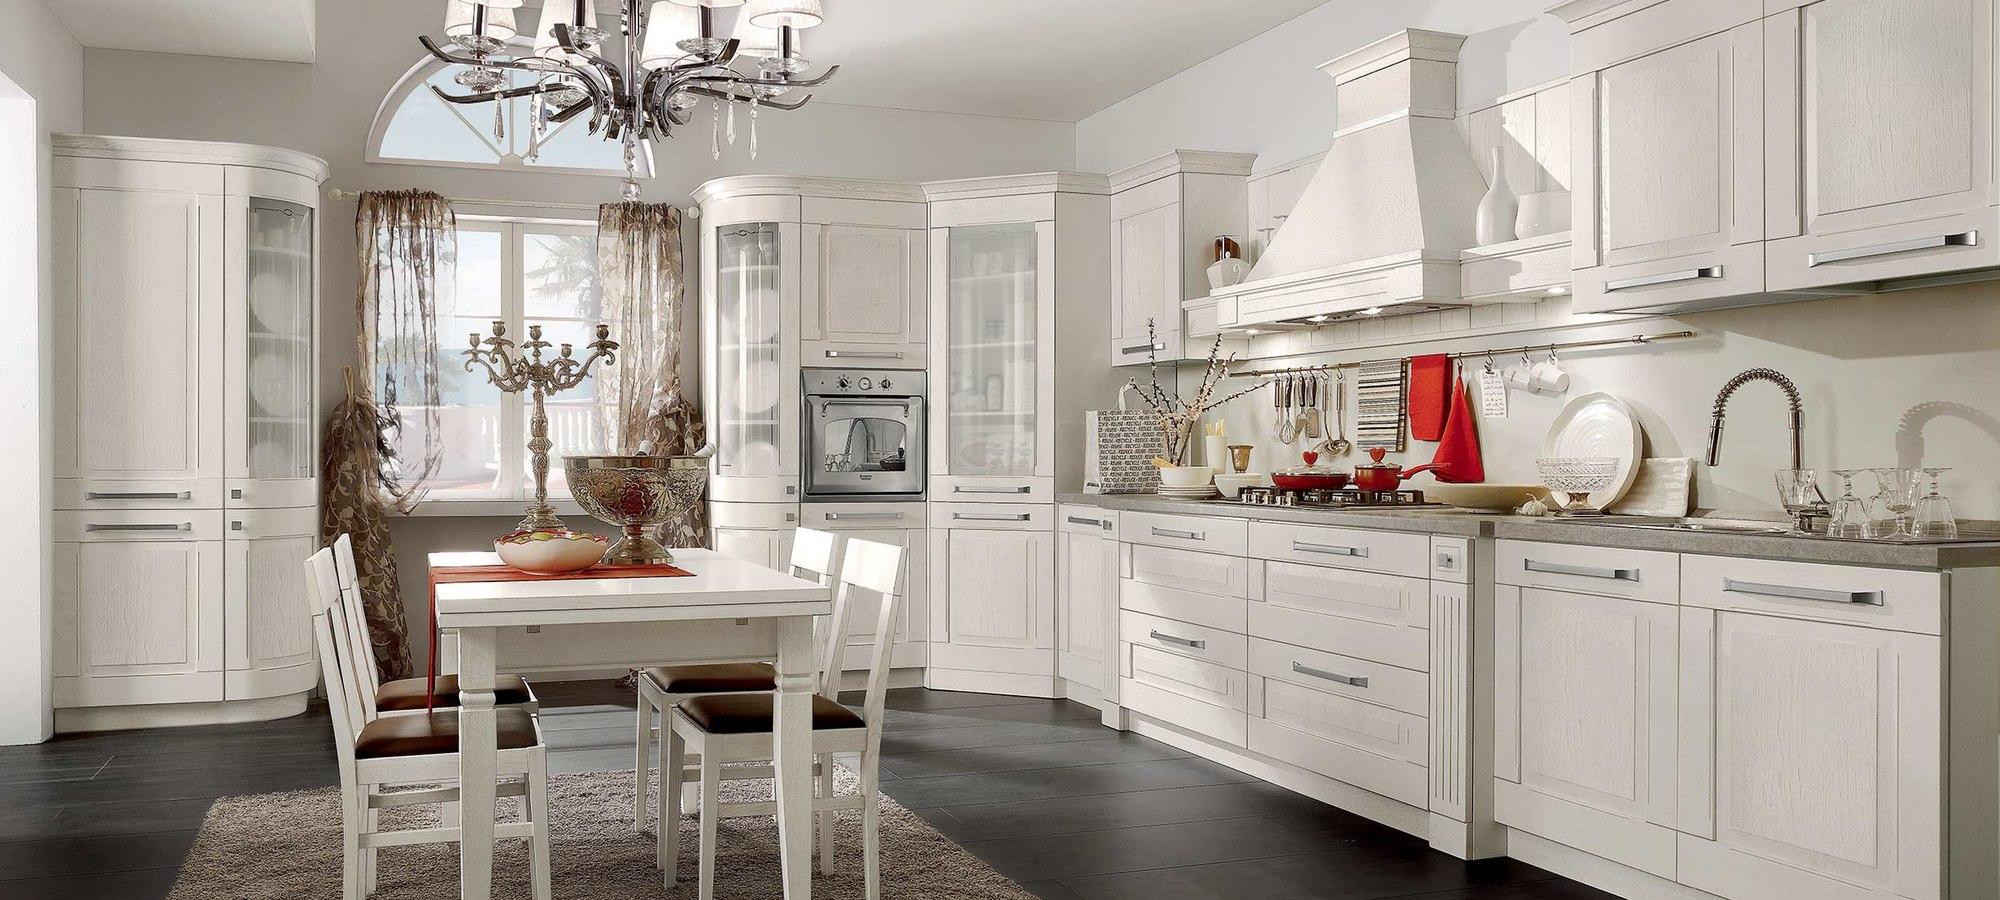 Cucine classiche stosa brescia moby arredamenti for Moby arredamenti brescia